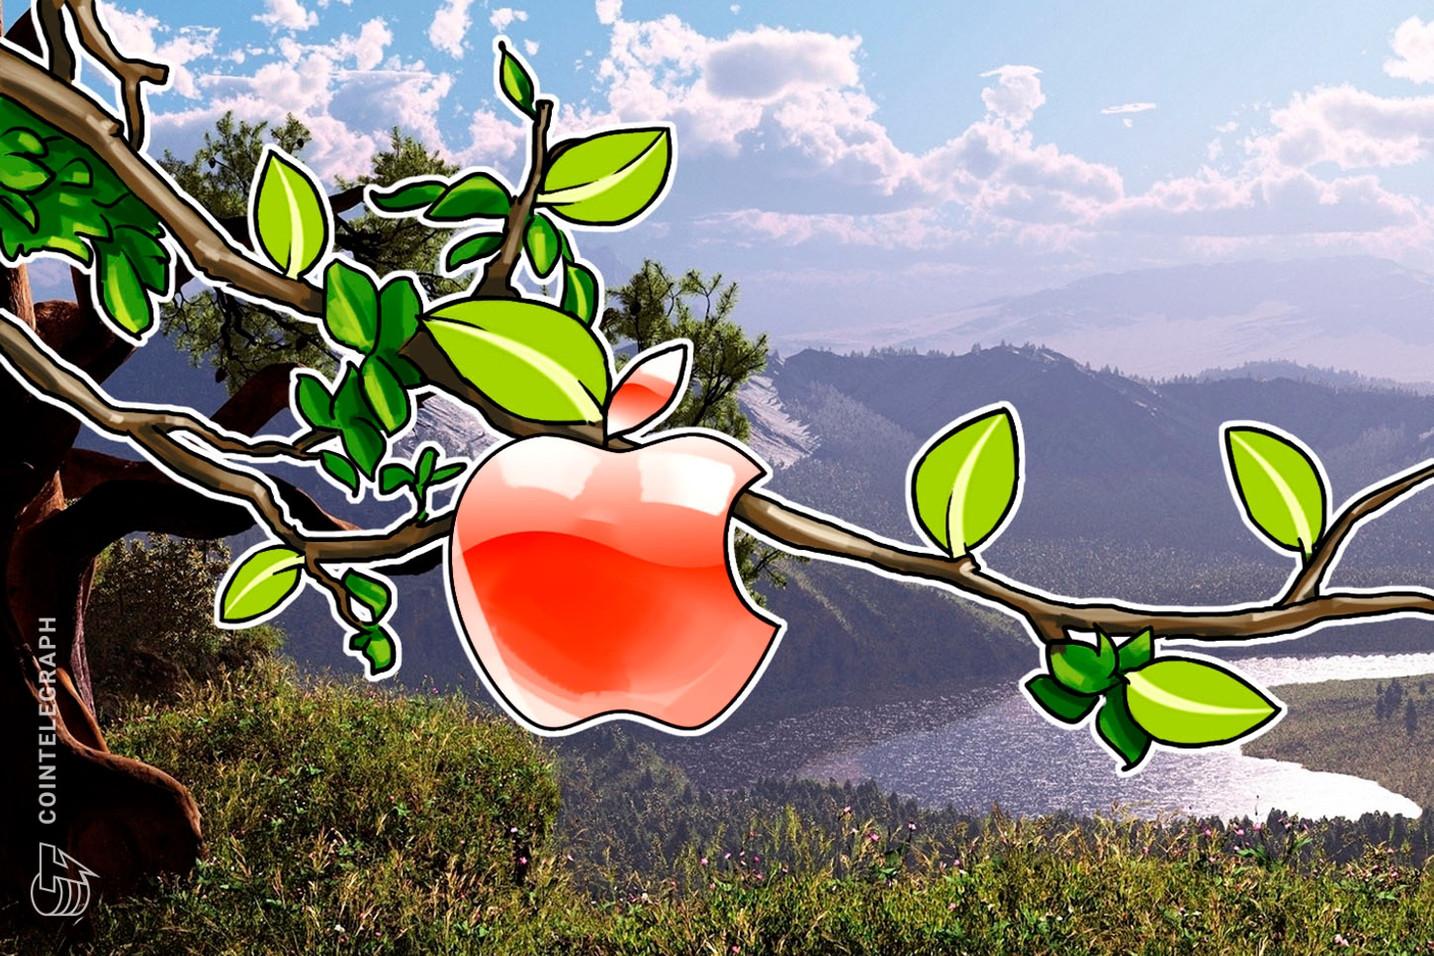 アップルのティム・クックCEO 独自仮想通貨を否定 「通貨は国が管理すべき」